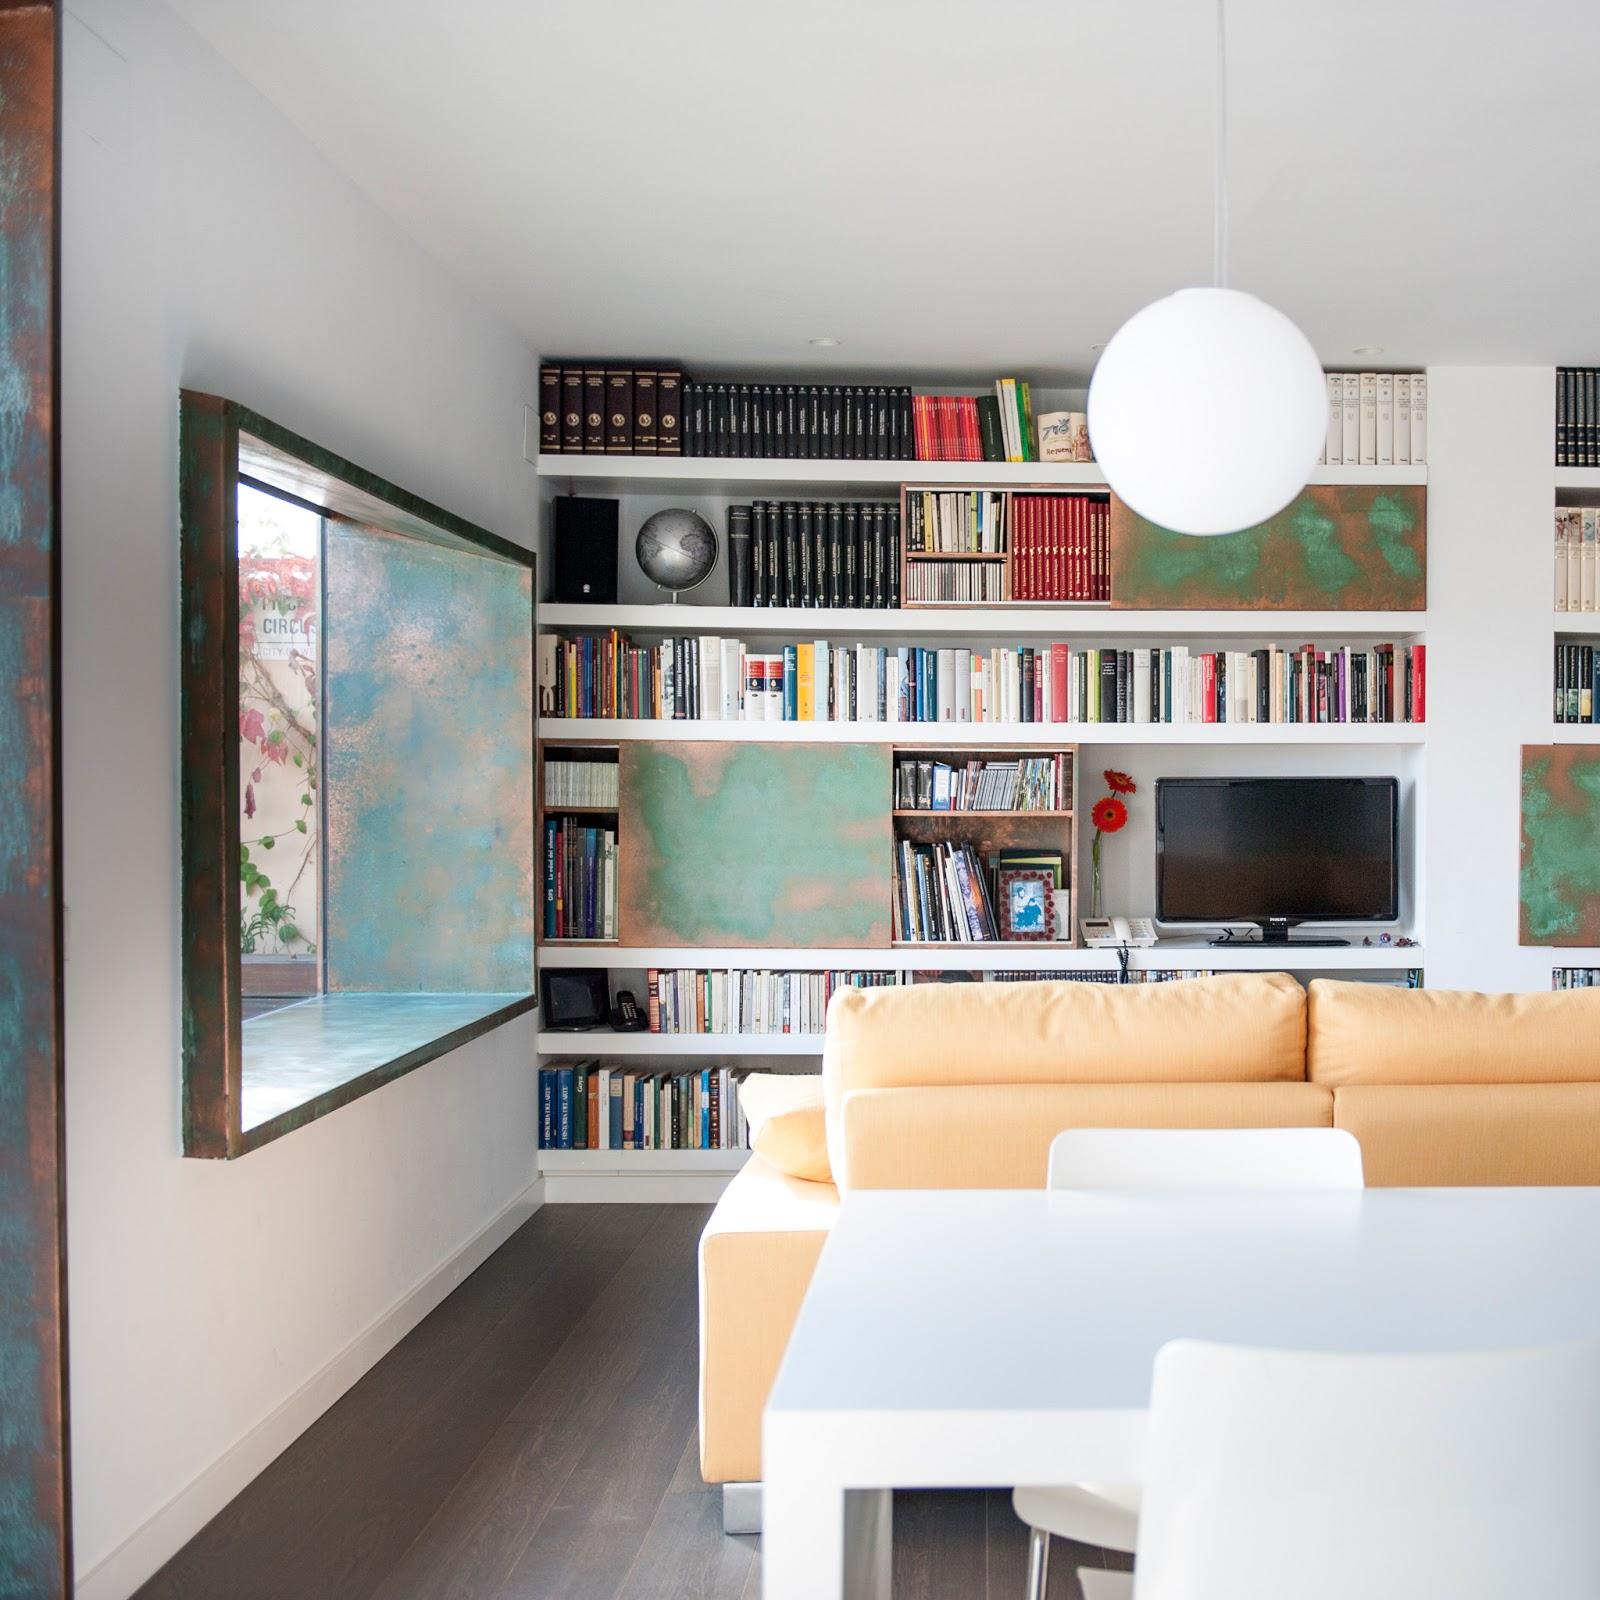 Tico luminoso areaarquitectura arquitectura y dise o for Los mejores disenos de interiores del mundo